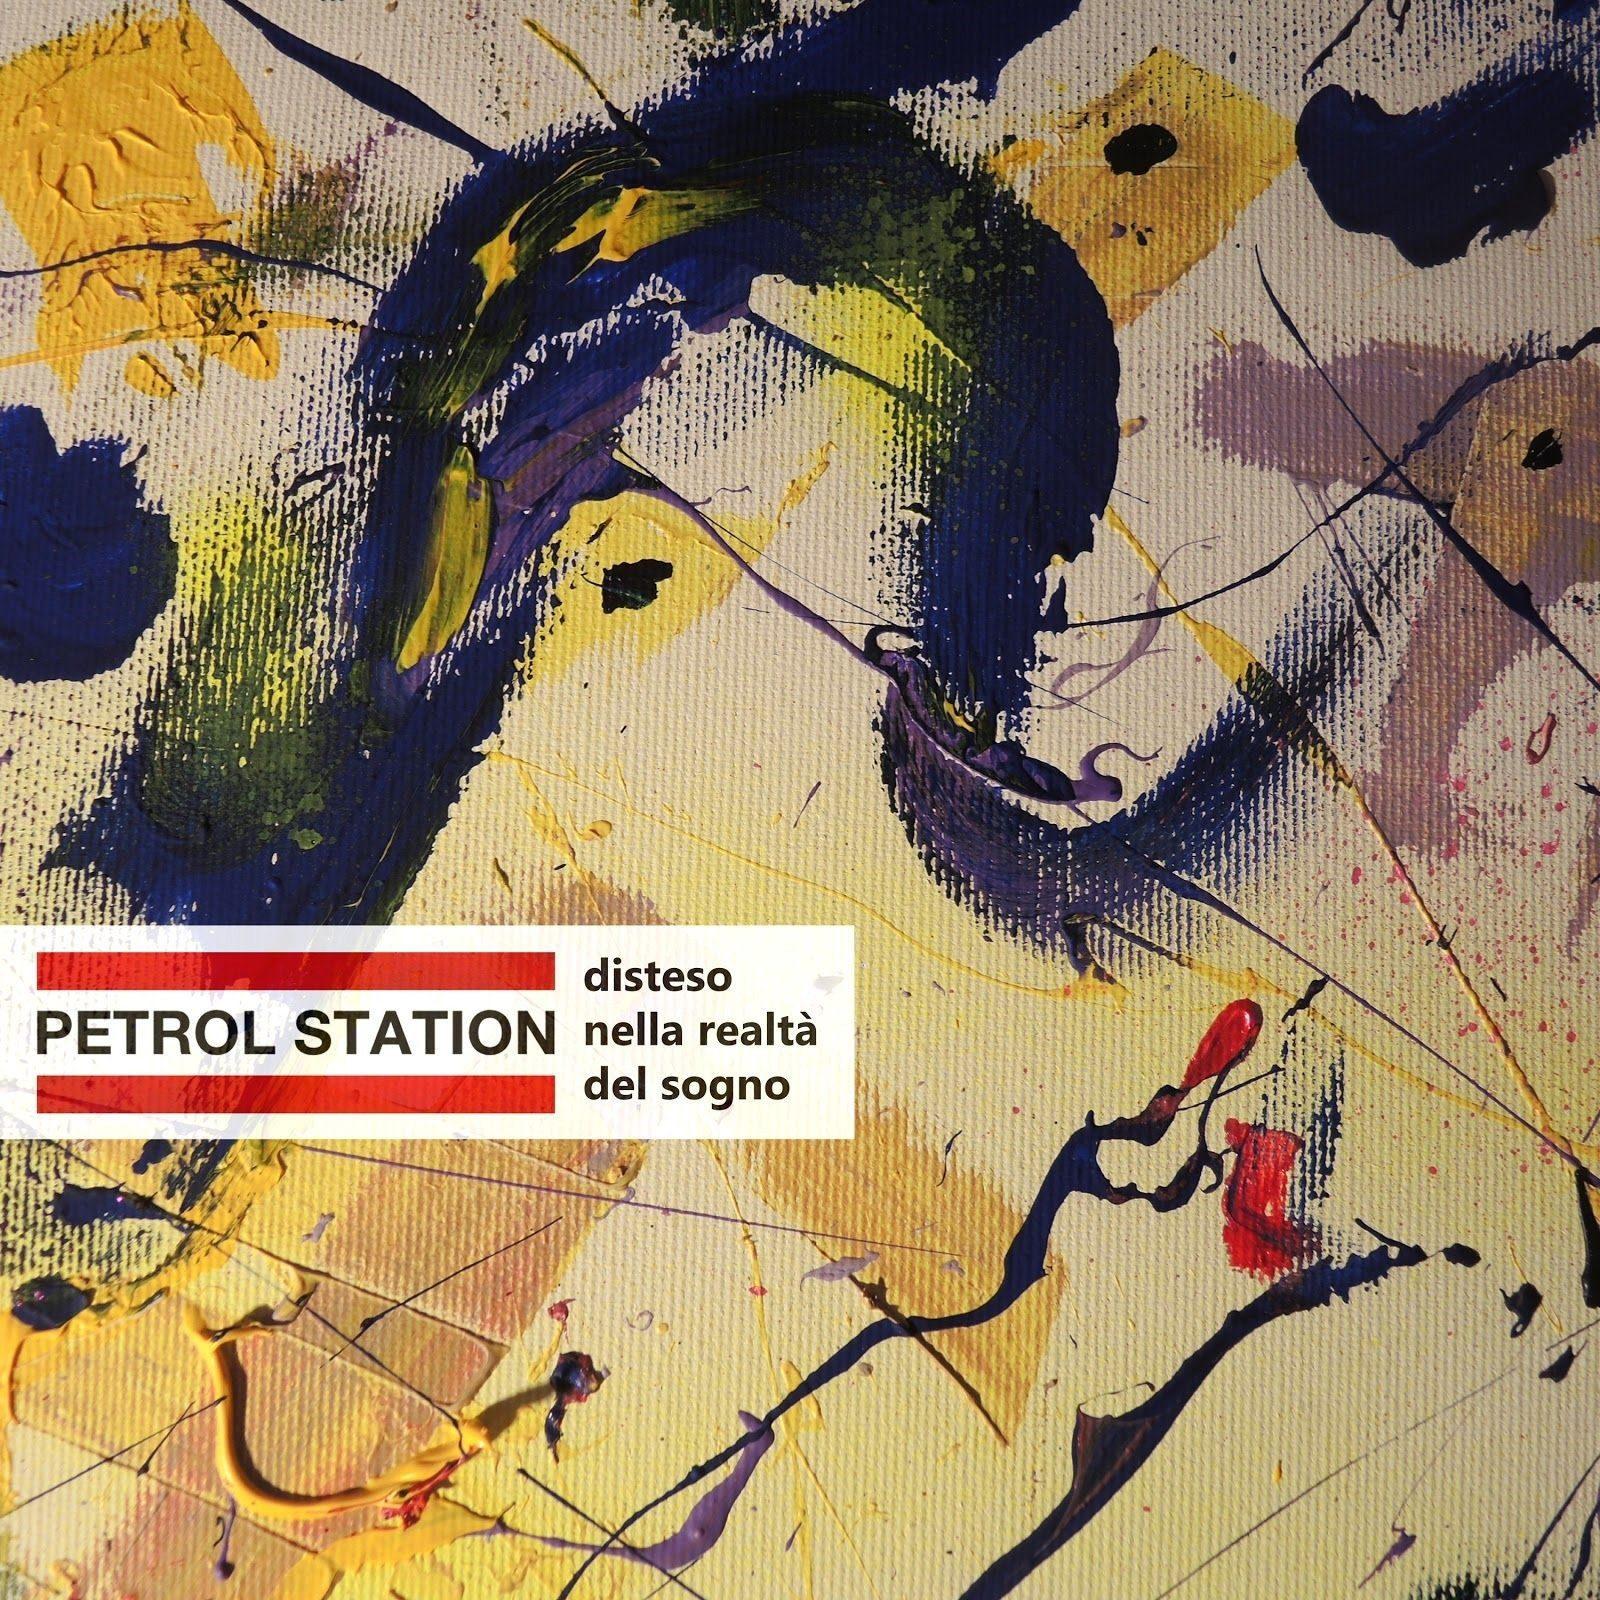 petrol station disteso nella realtà del sogno